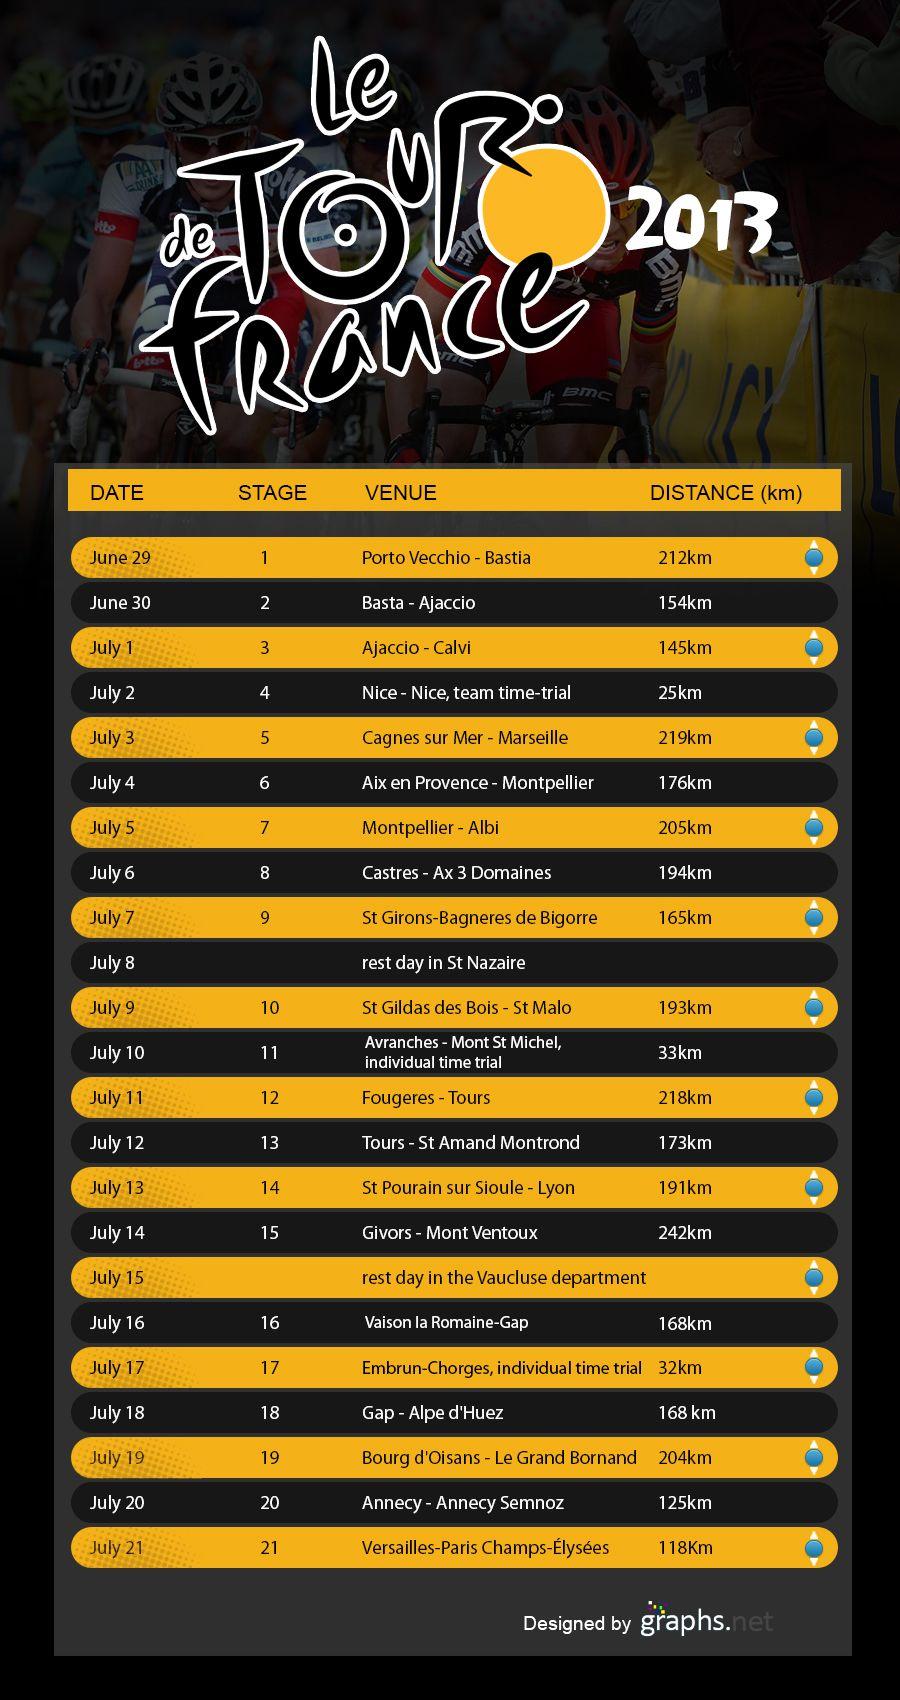 tour de france 2013 schedules/fixtures please follow us @ http://www